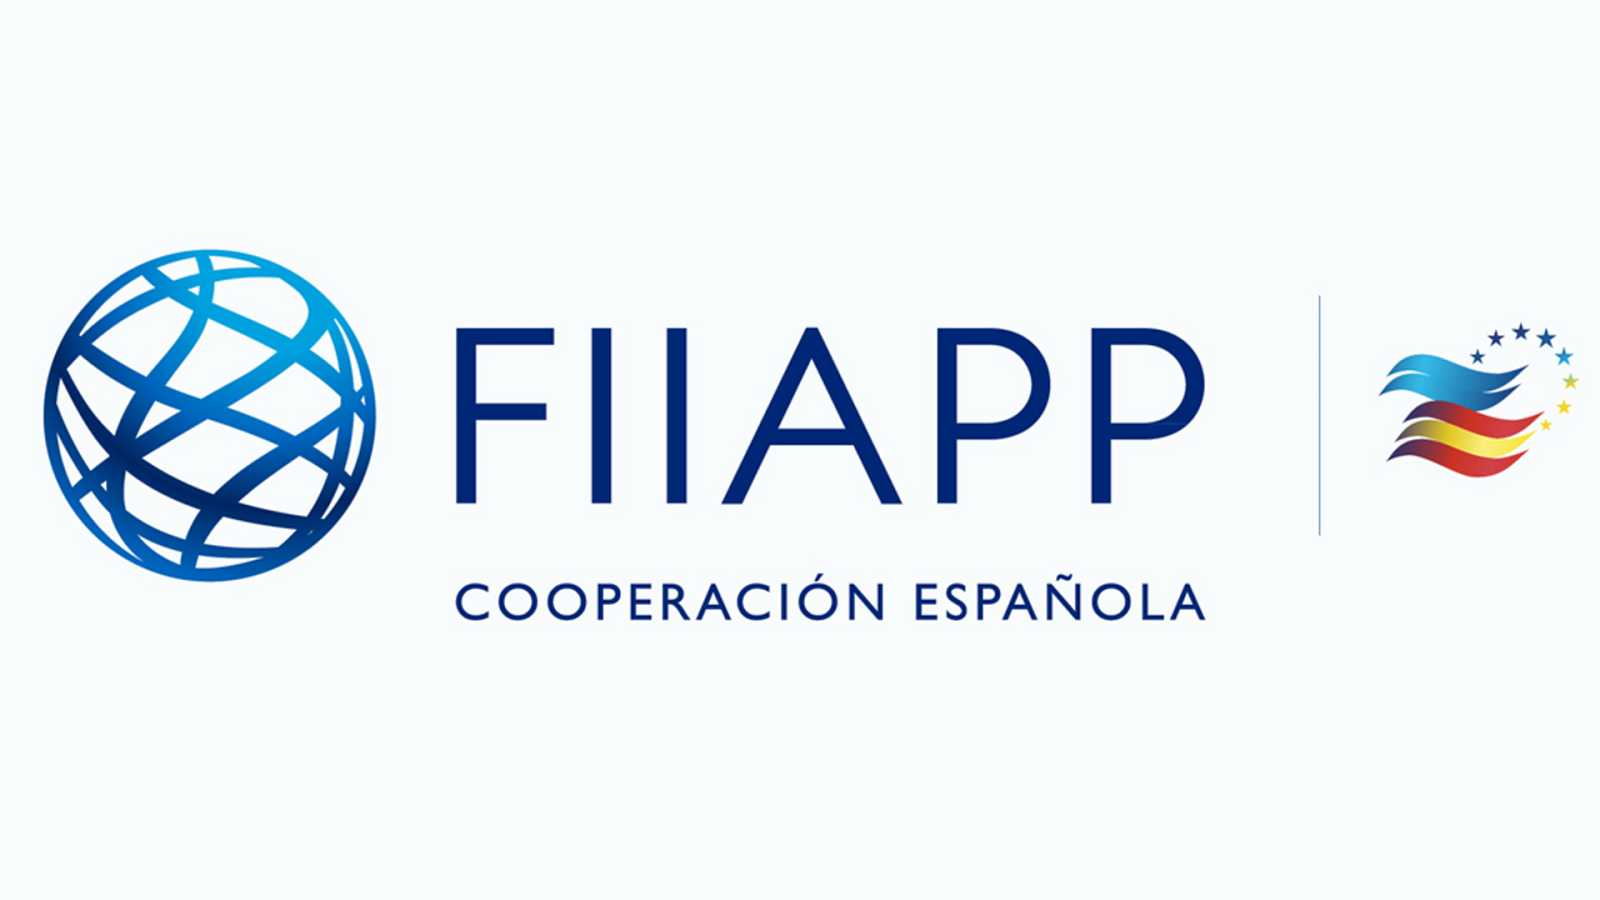 Cooperación pública en el mundo (FIIAPP) - La FIIAPP y las instituciones públicas: la Fiscalía - 29/07/20 - escuchar ahora